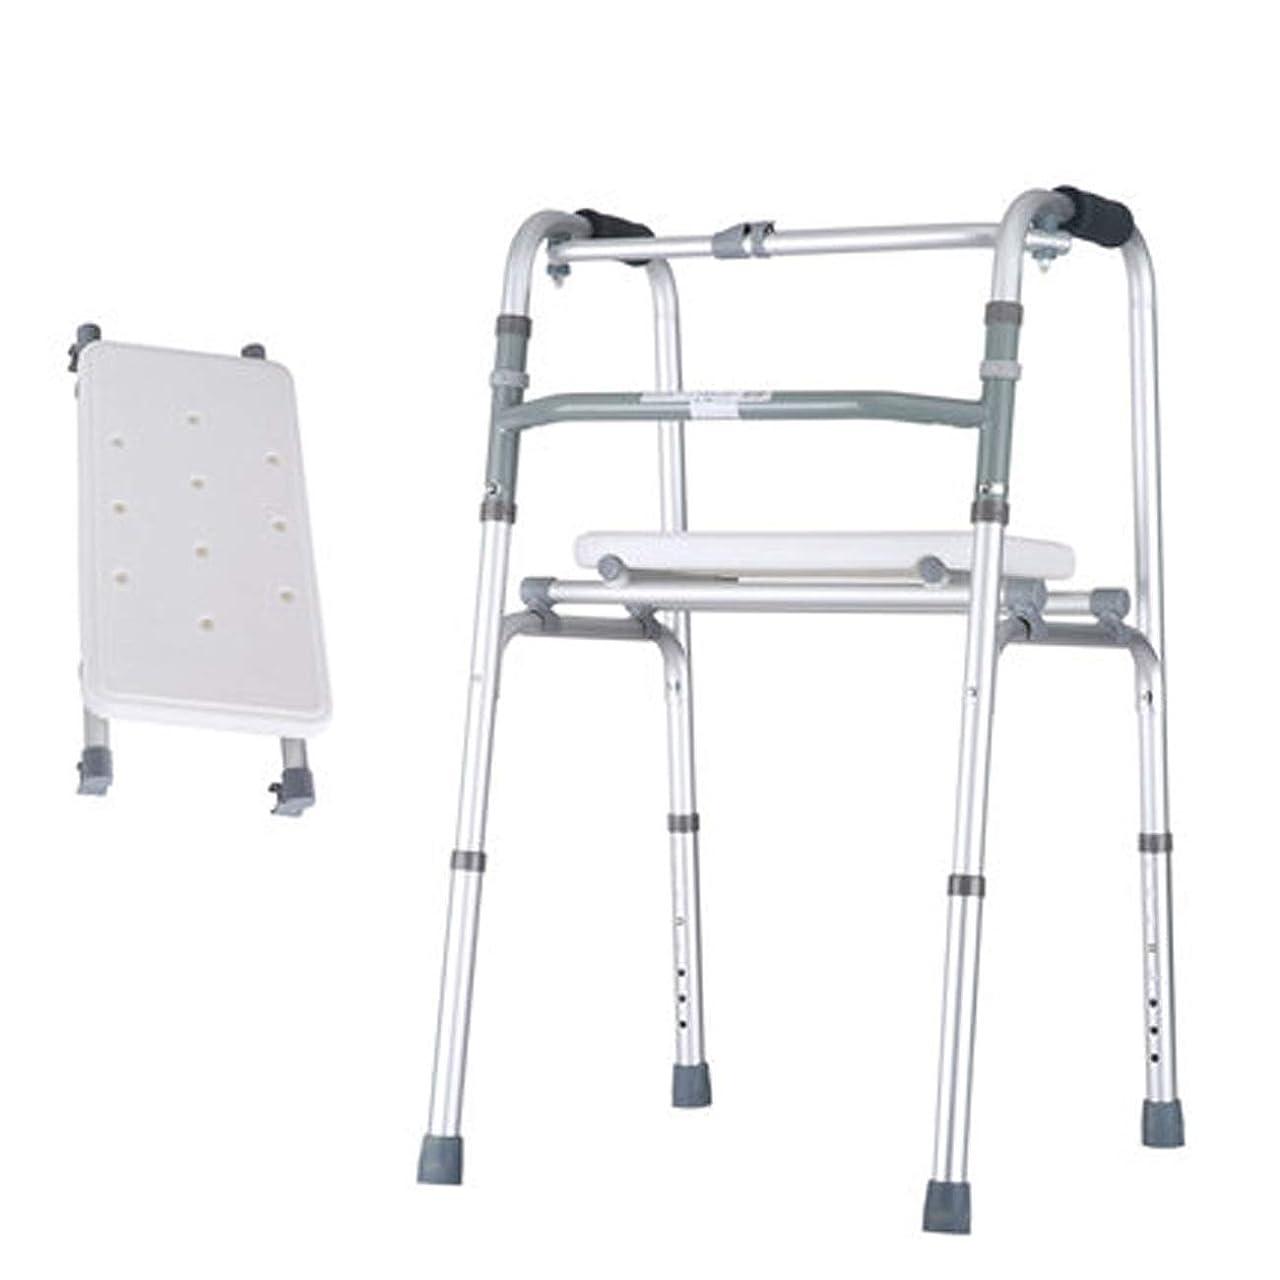 歯科医明示的にトランスペアレント高齢者ウォーカー、アルミニウム合金ウォーキングウォーカー、2輪シート折り畳み補助歩行器を運ぶ (設計 : C)